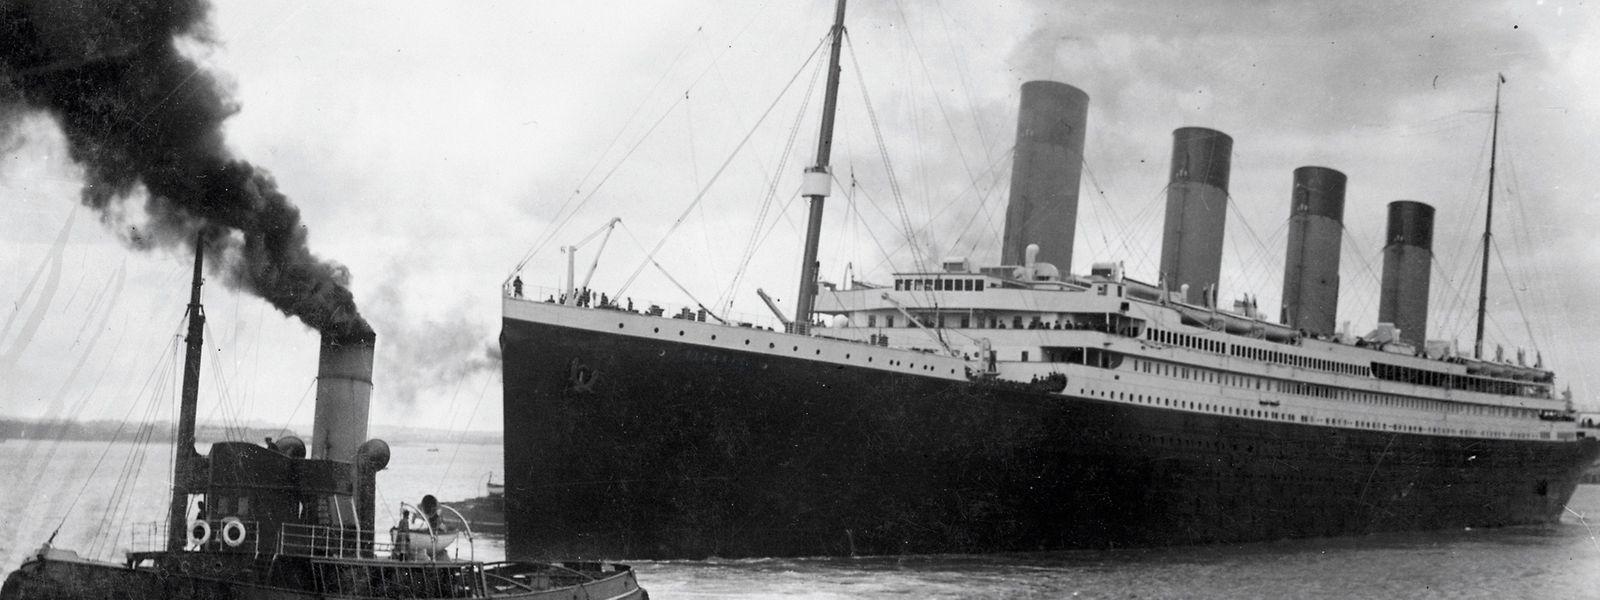 Die Titanic verließ den Hafen von Southampton in England am 10. April 1912. Vier Tage später sank sie noch auf ihrer Jungfernfahrt.